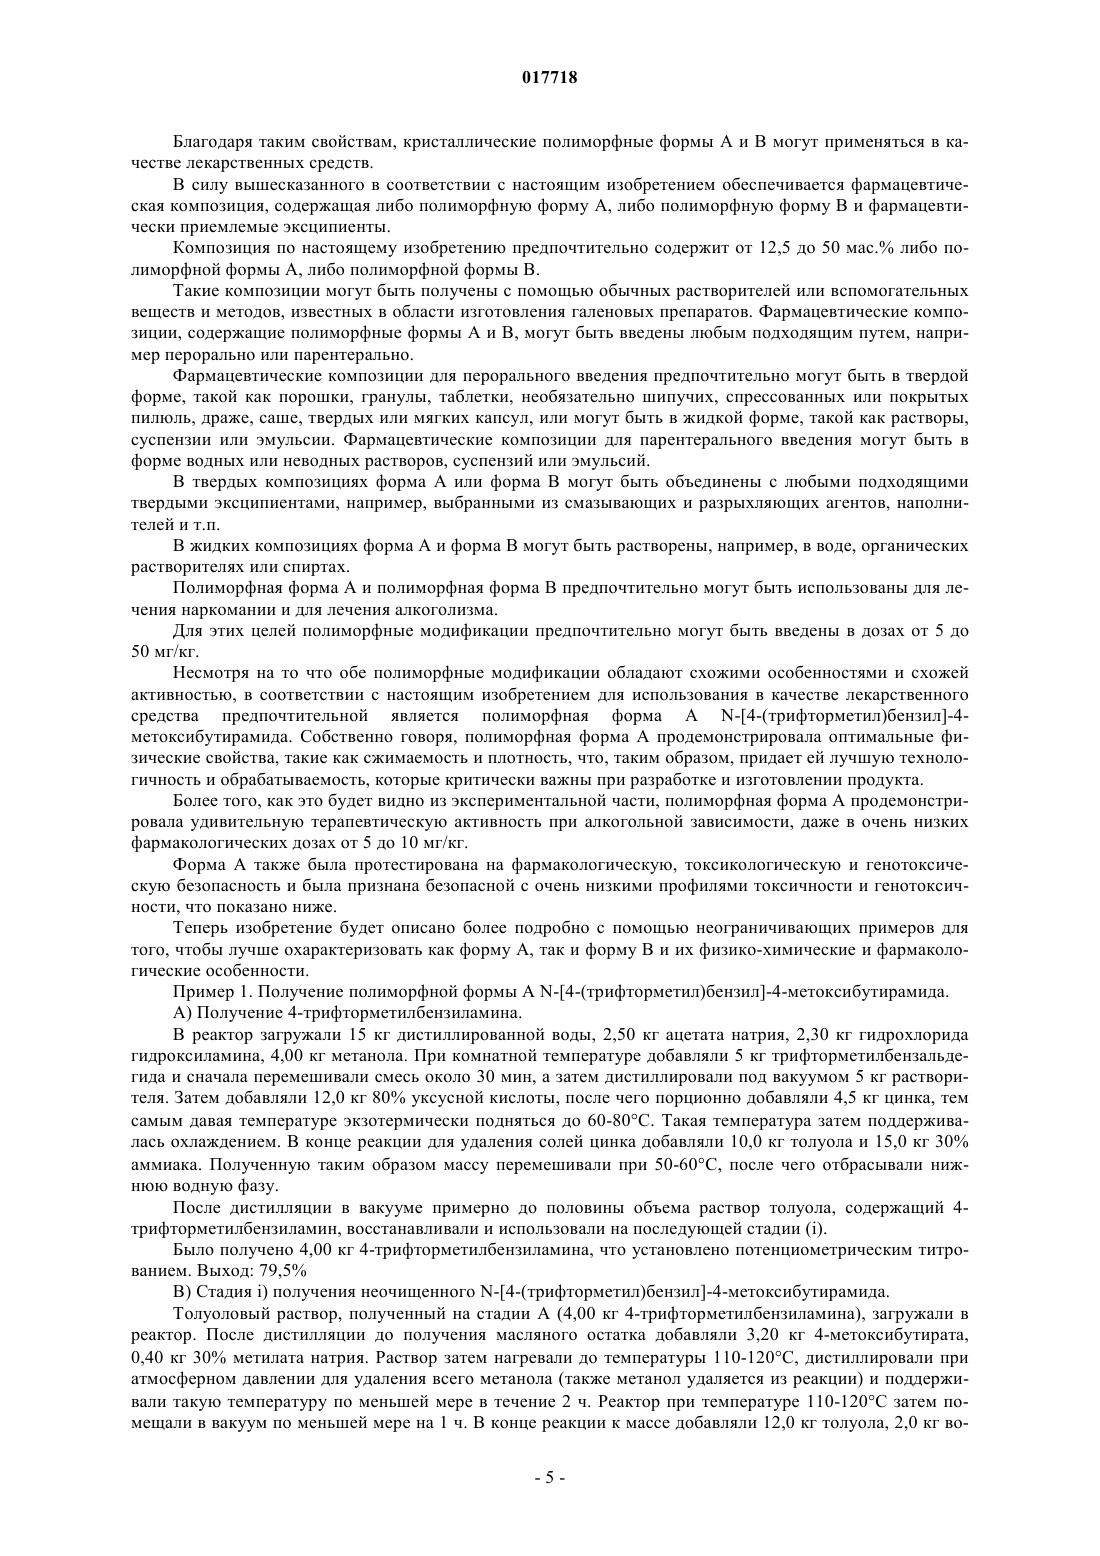 Кодирование от алкоголизма в московском районе